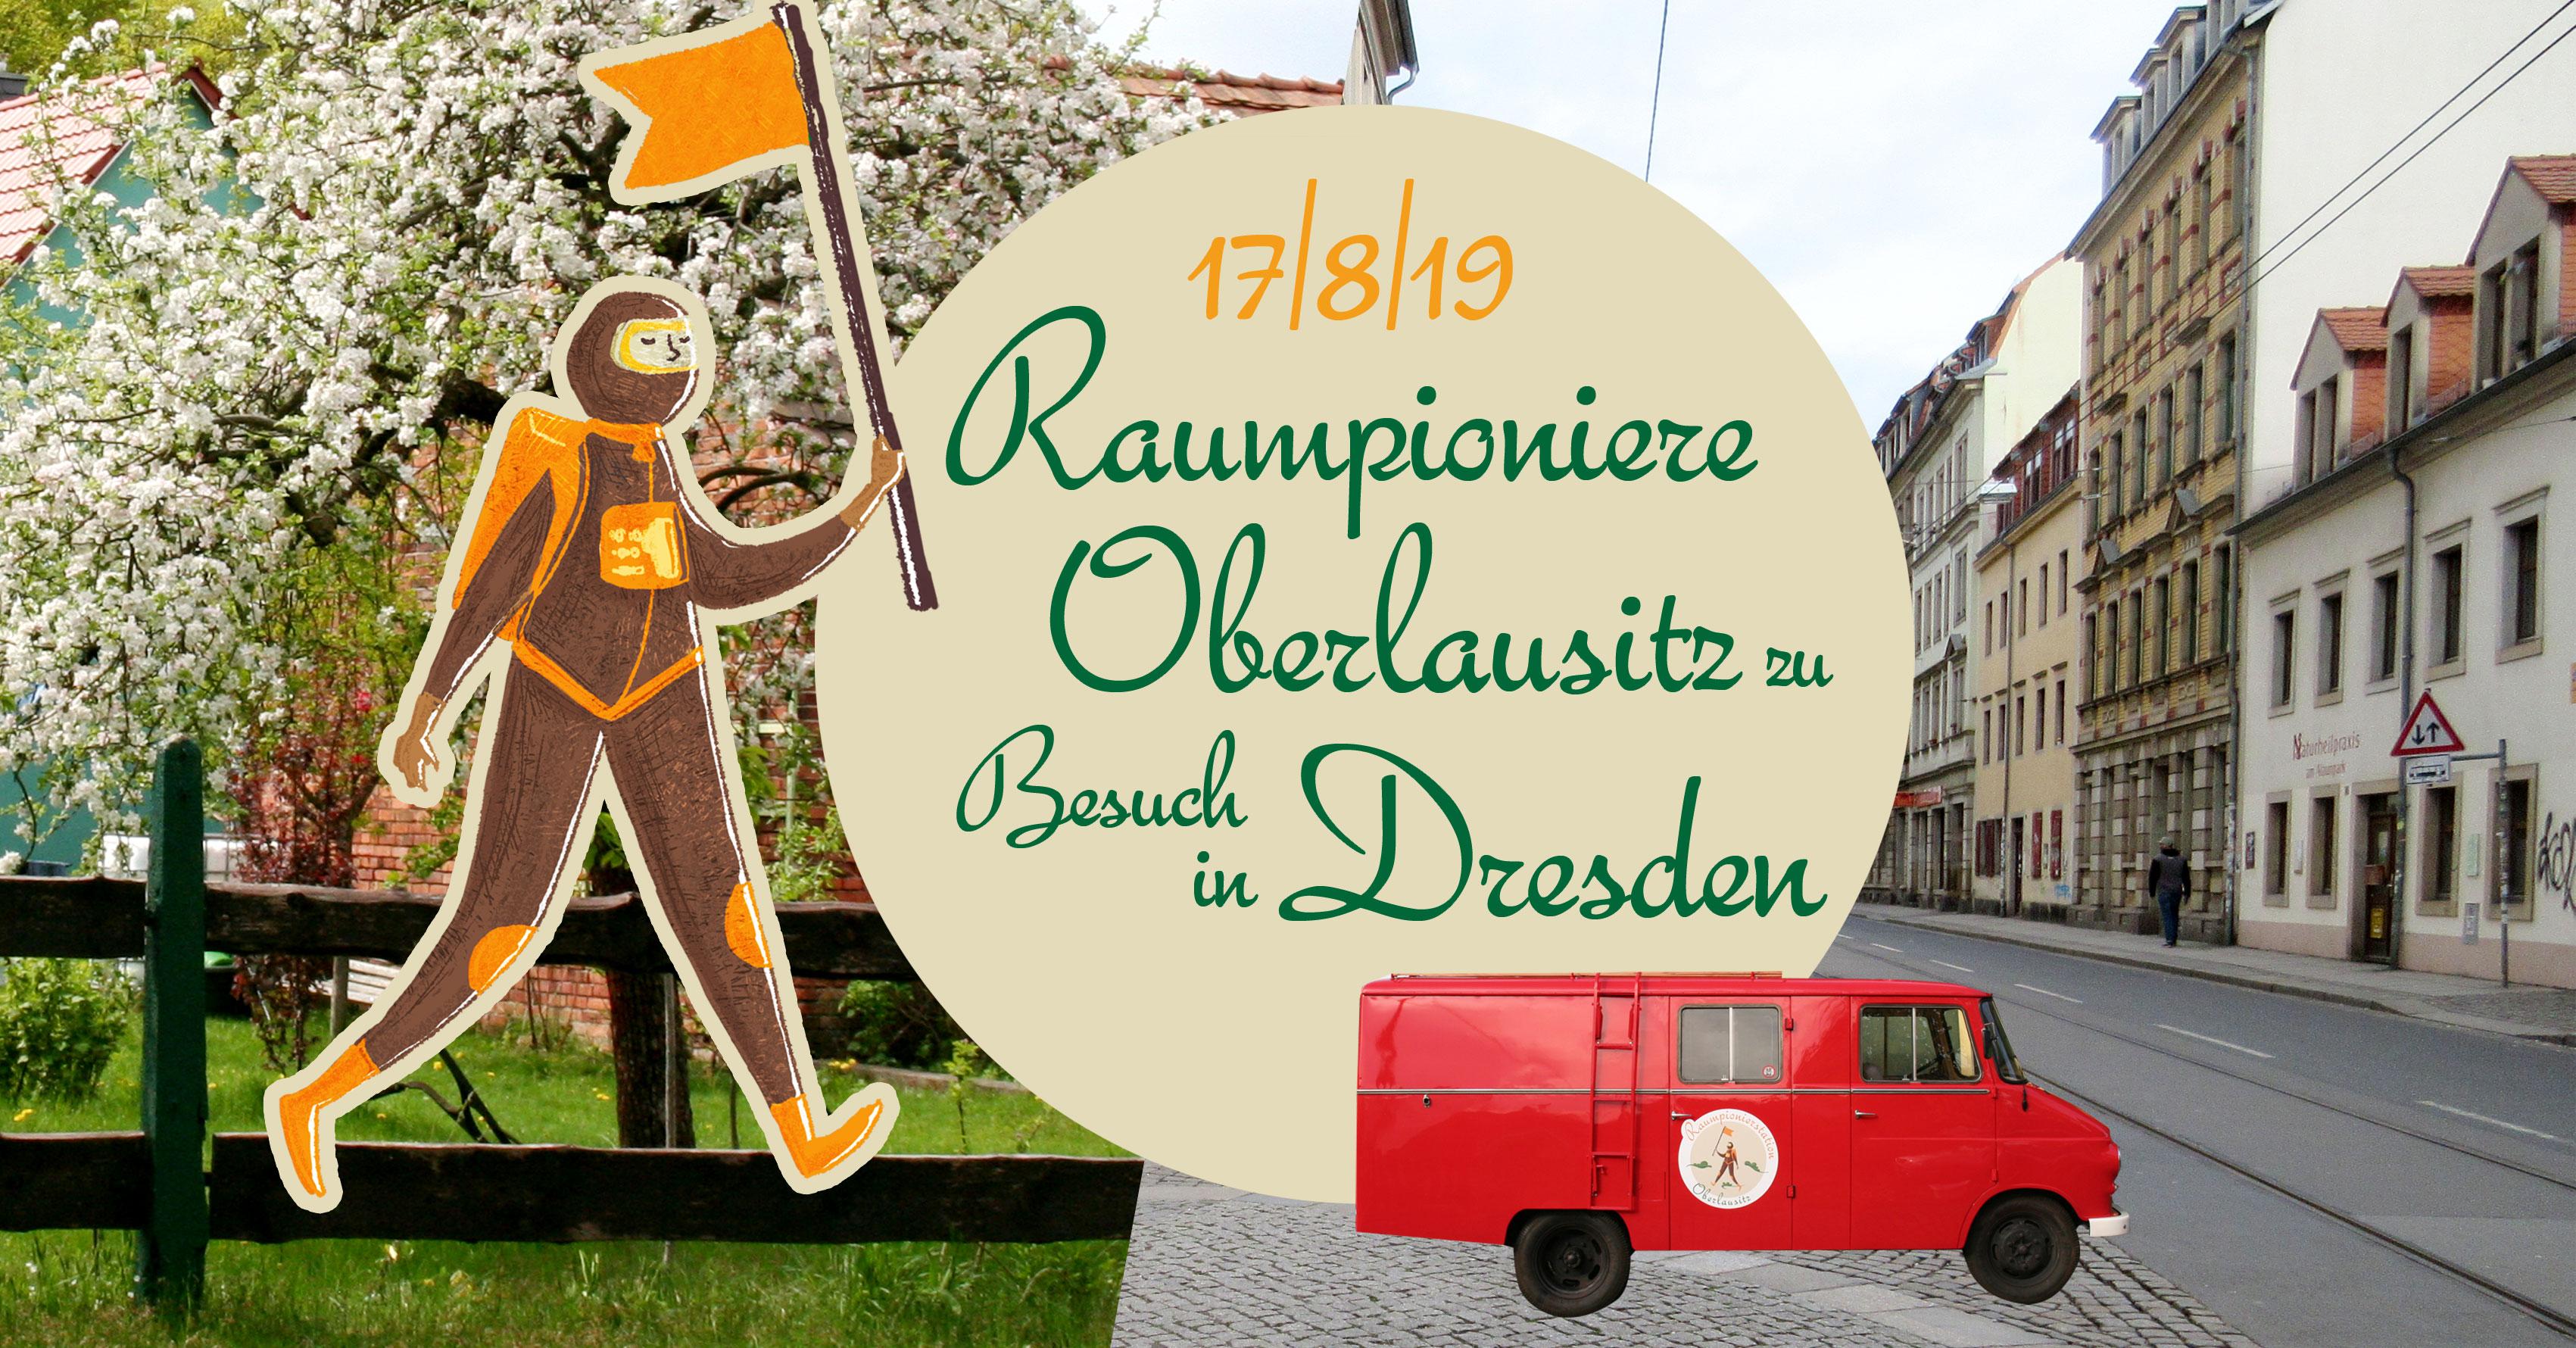 Raumpioniere zu Besuch in Dresden